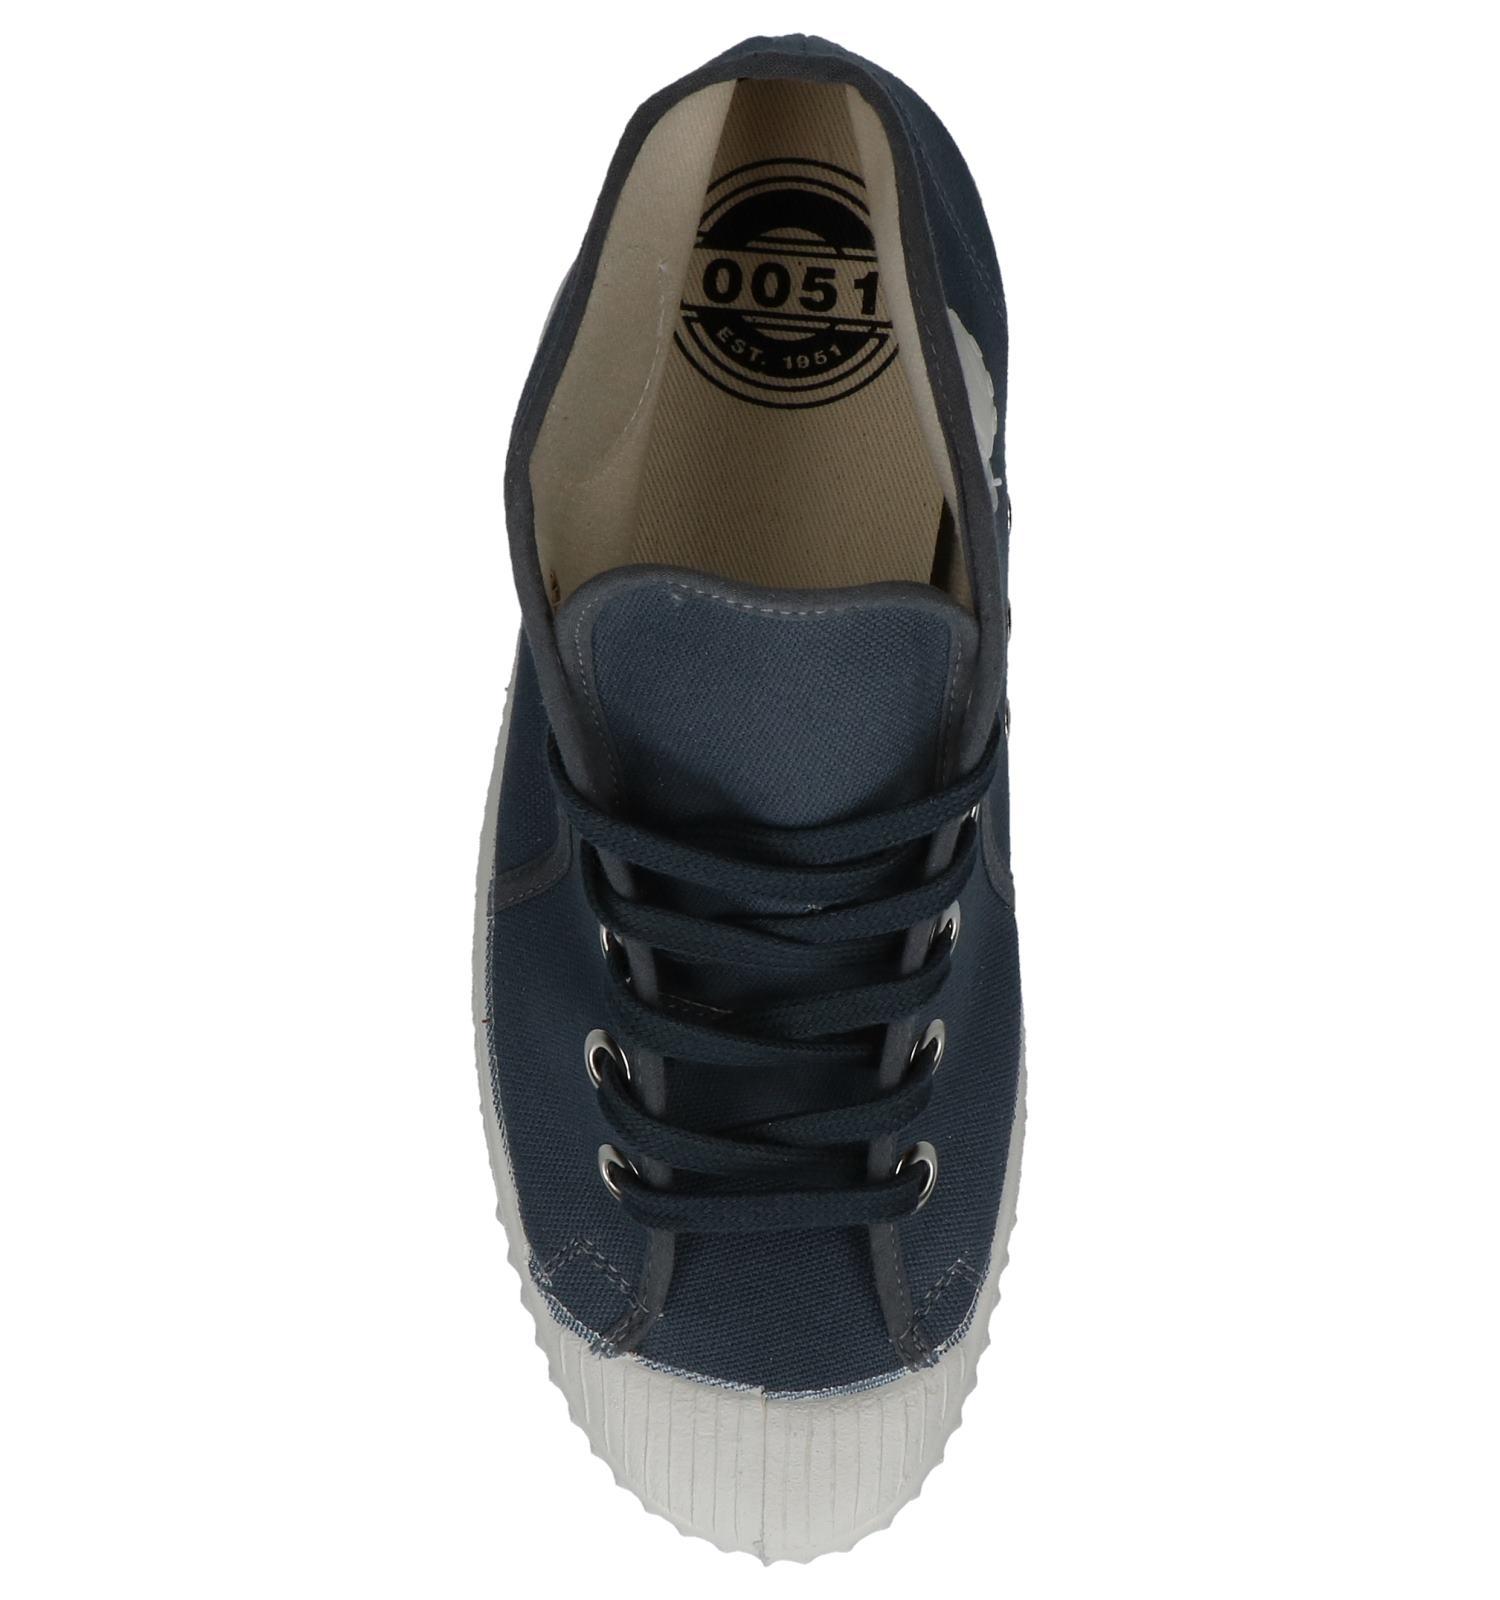 Donker Barvy Sneakers Grijze 0051 Hoge CoQxWEdBer